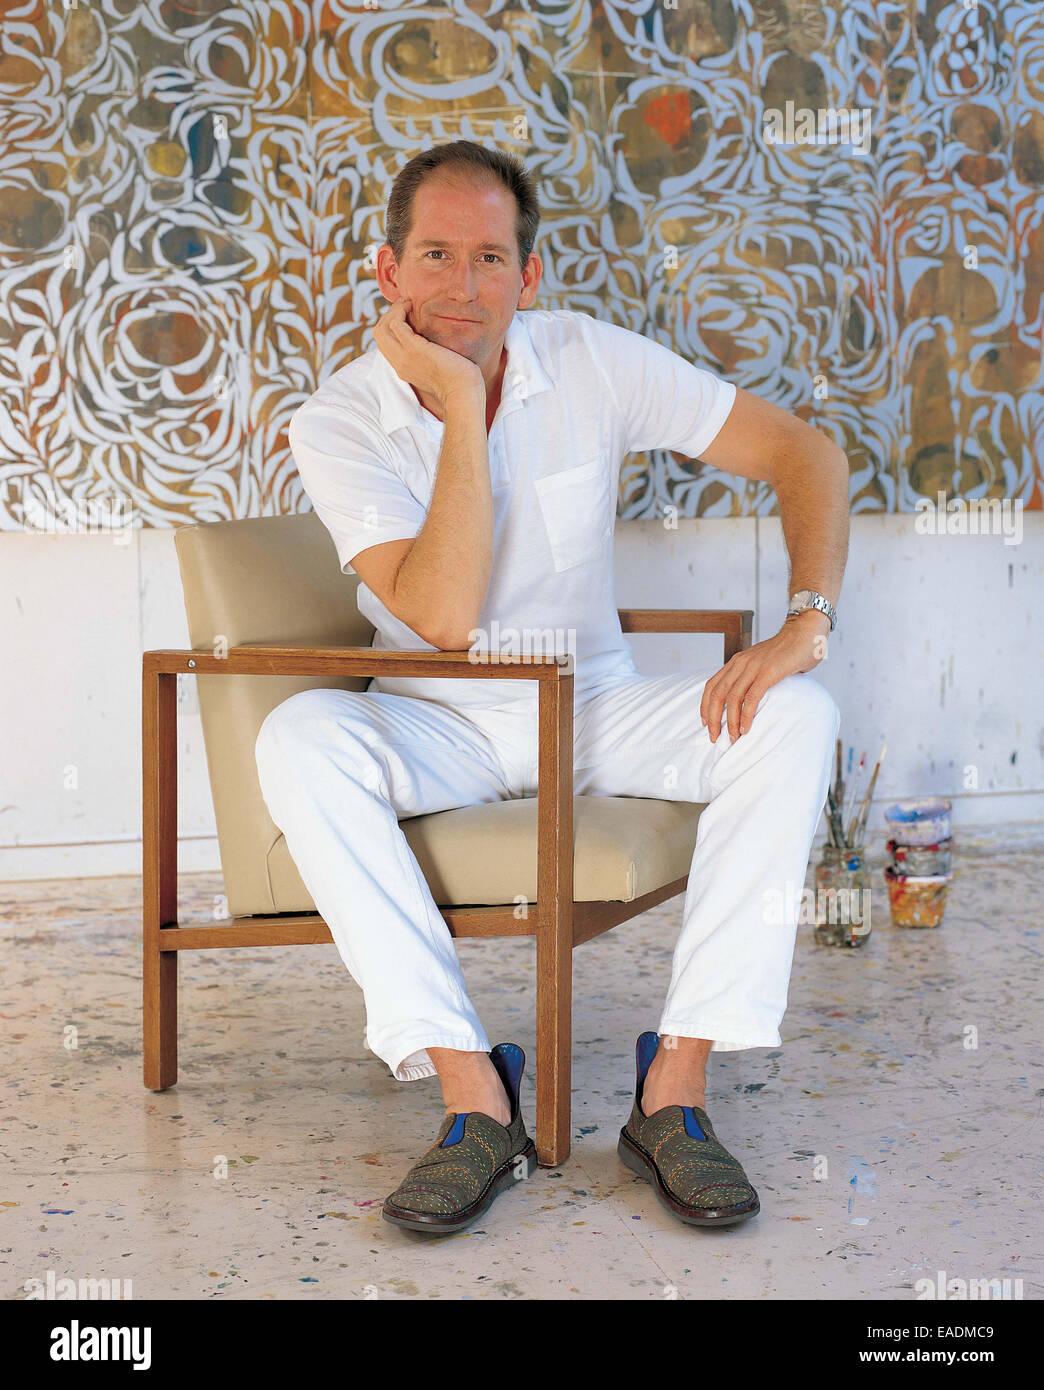 Künstler-Posen vor Malerei im studio Stockbild